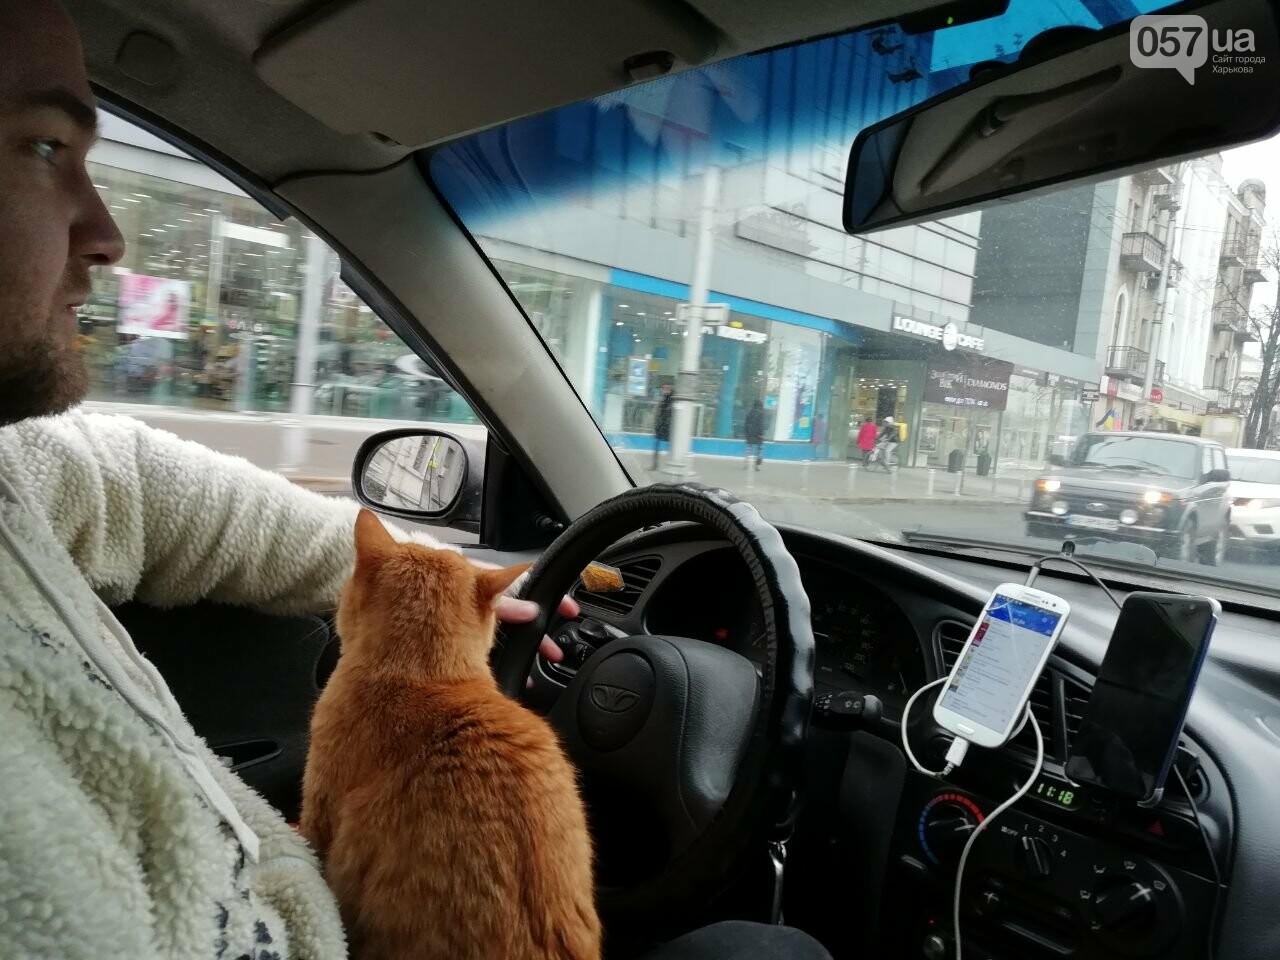 кот такси картинки дверь универсальная